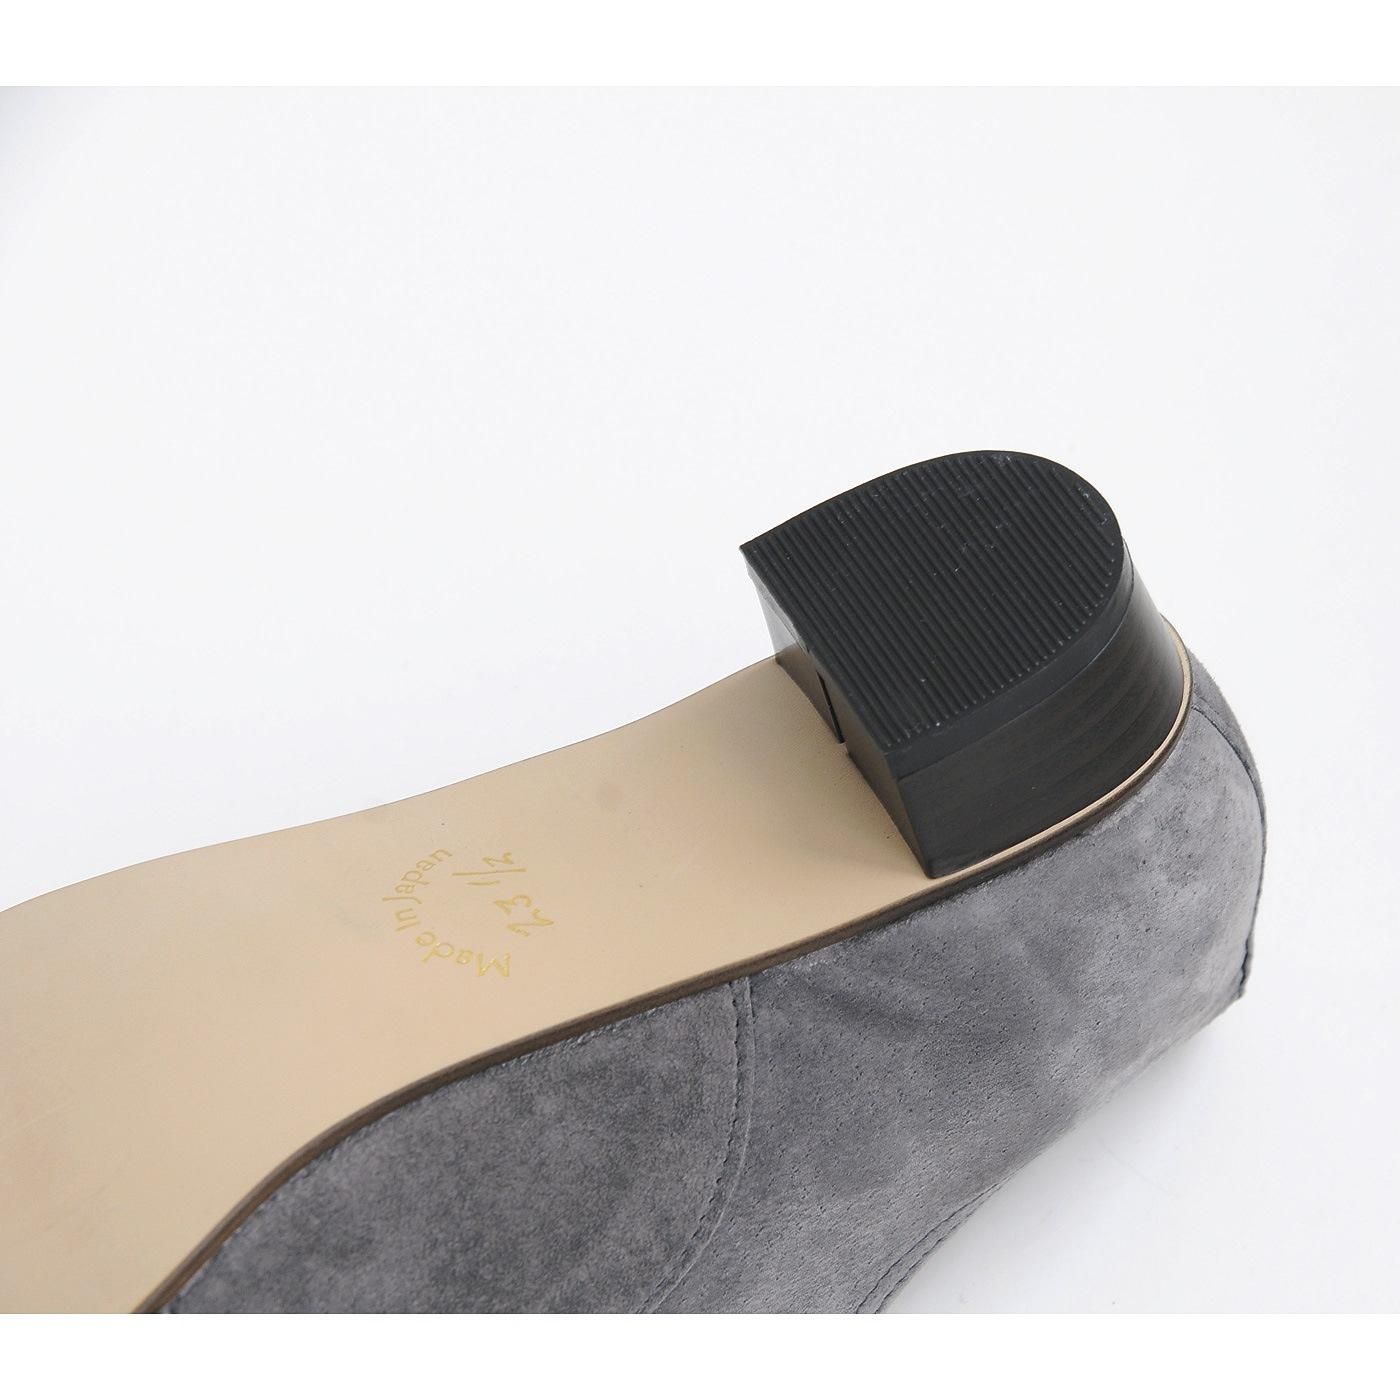 靴底のソールにも丈夫な合成ゴムを使用。ヒール底には、消音機能のあるリフトを採用しています。